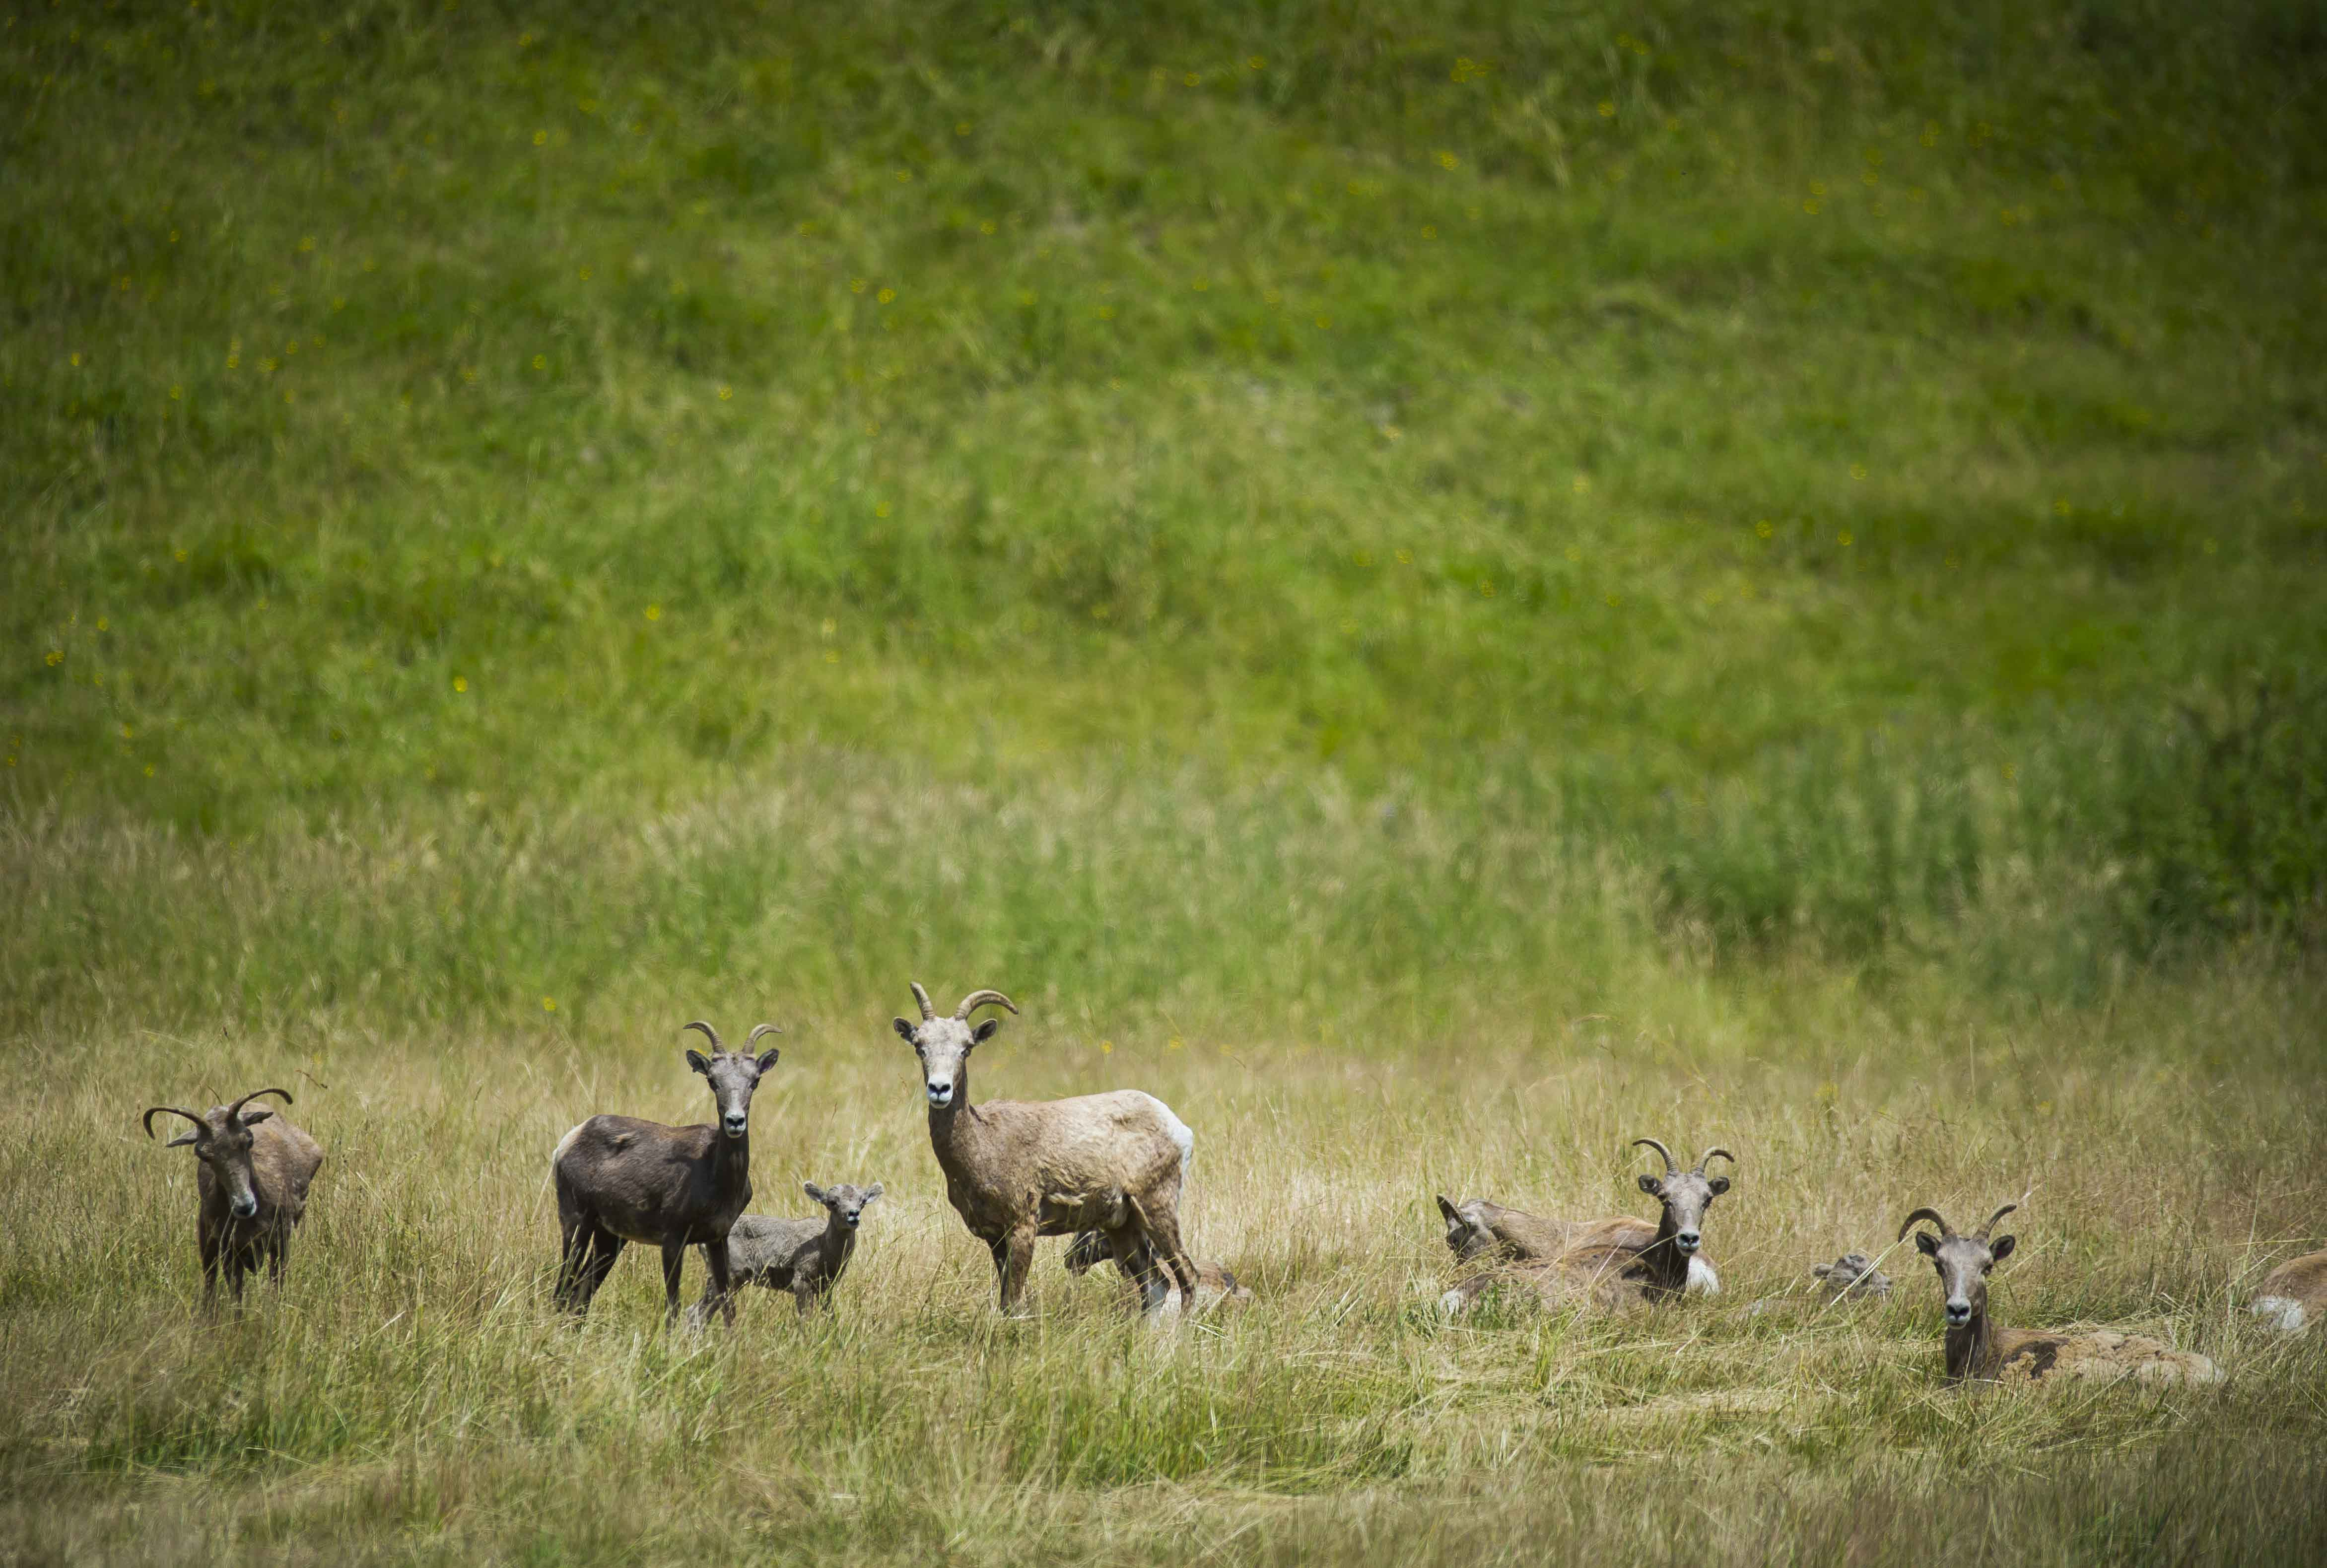 Bighorn sheep and lambs.